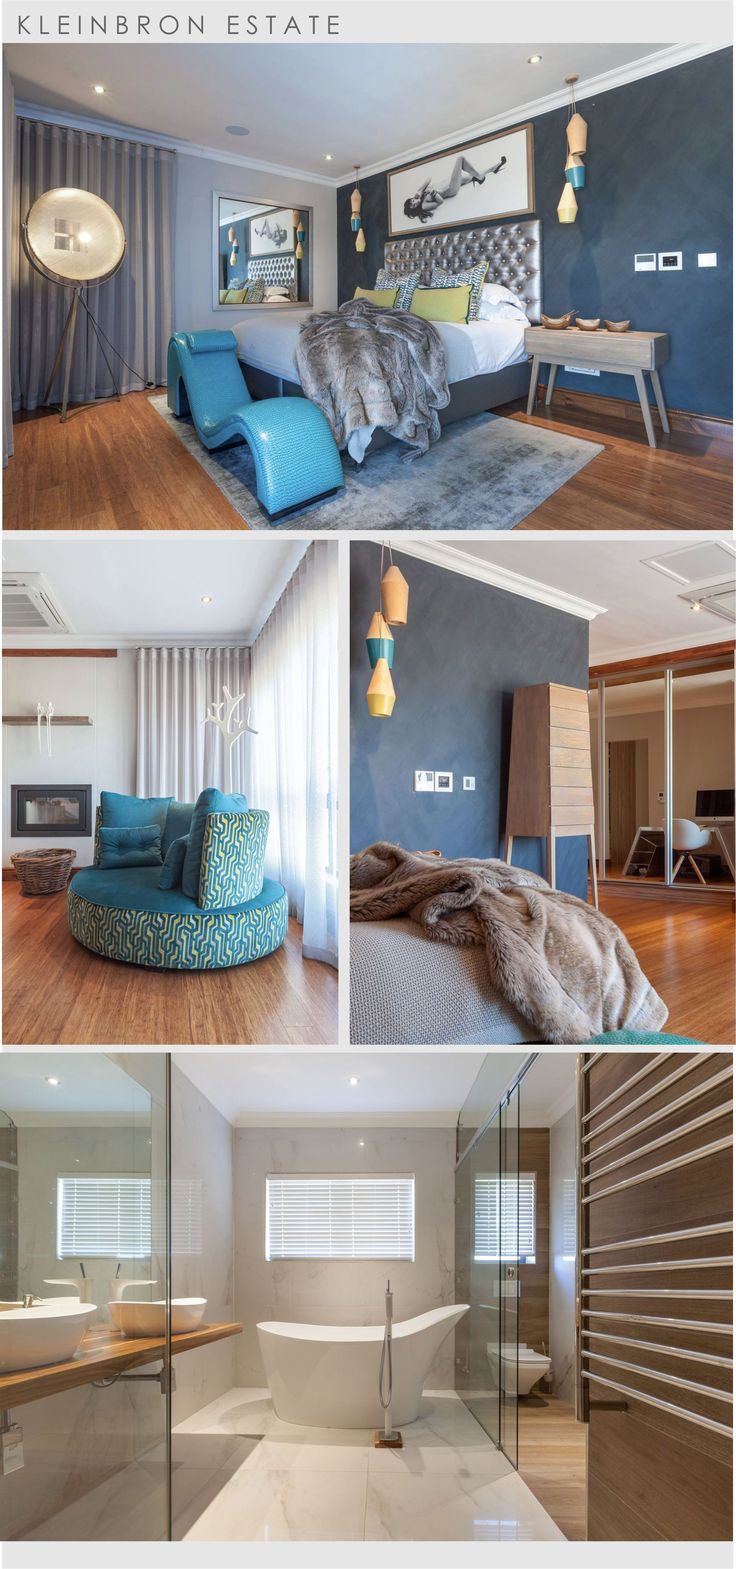 Kleinbron Bedroom